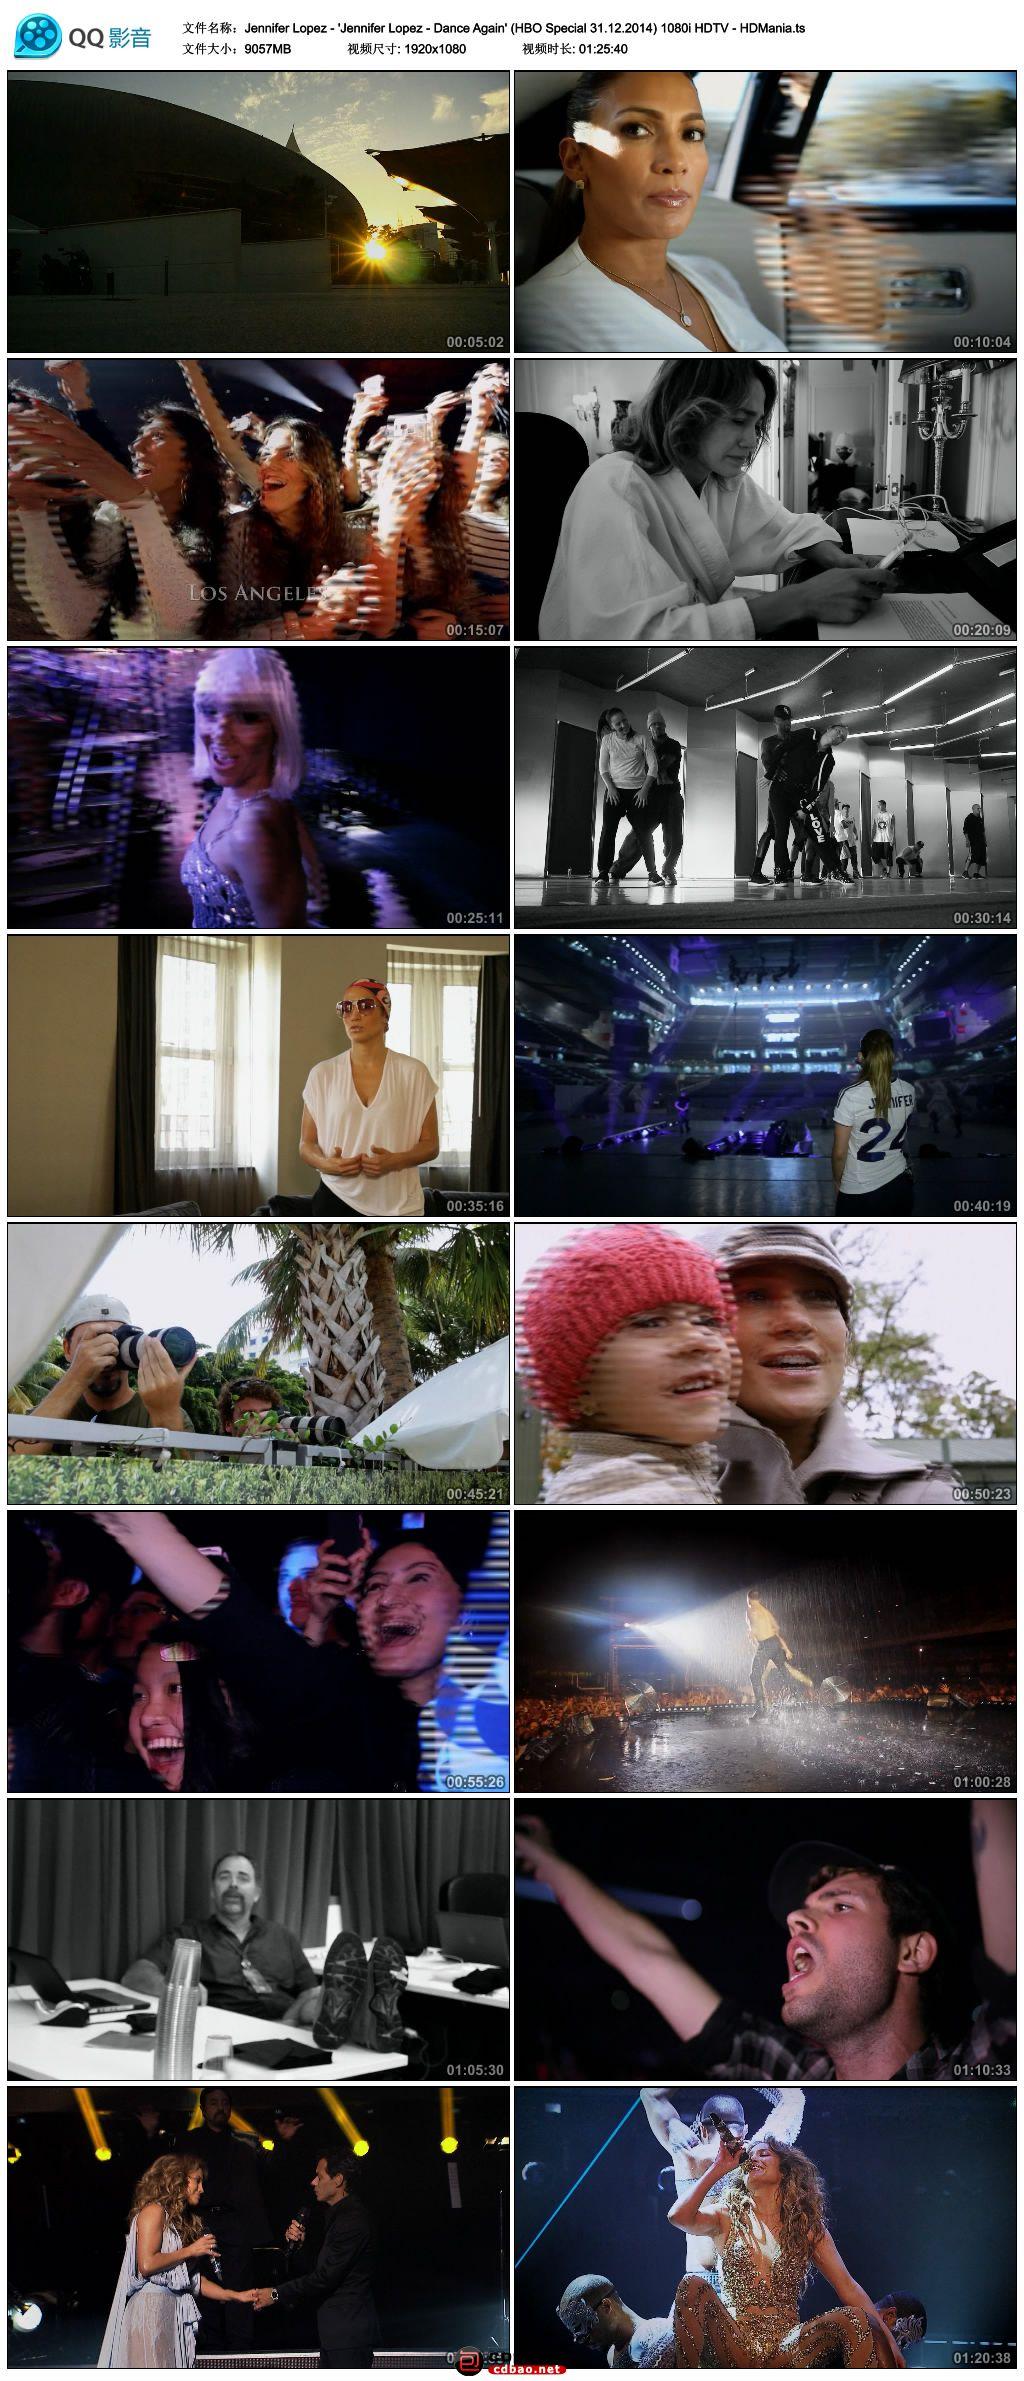 Jennifer Lopez - 'Jennifer Lopez - Dance Again' (HBO Special 31.12.201.jpg